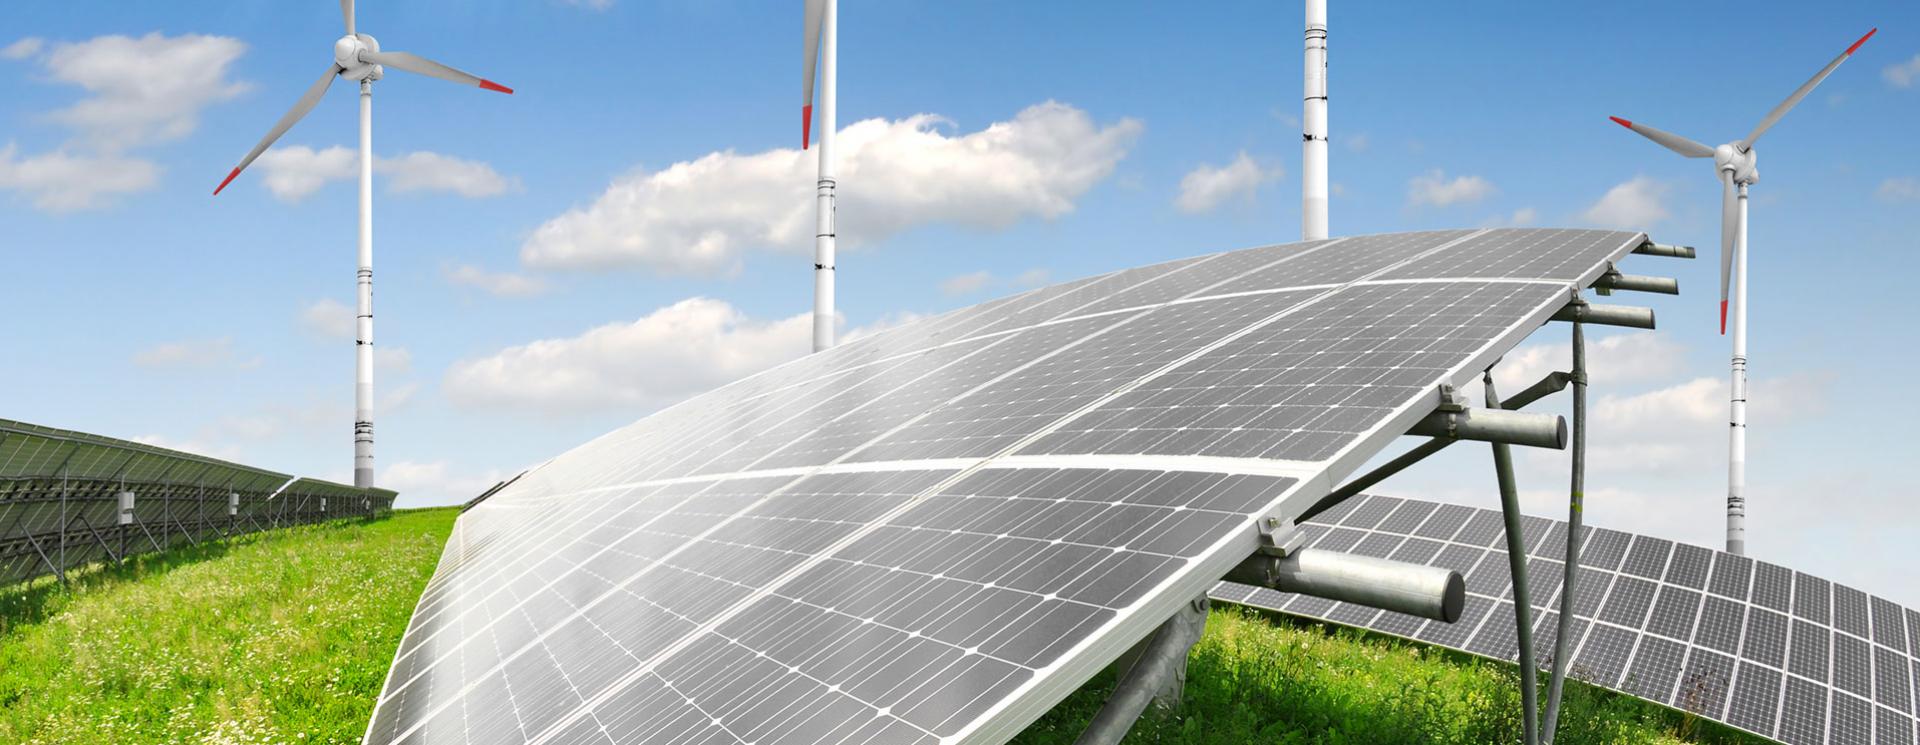 Equipamiento Energ 205 A Solar Bombas Solares Y Energ 205 A